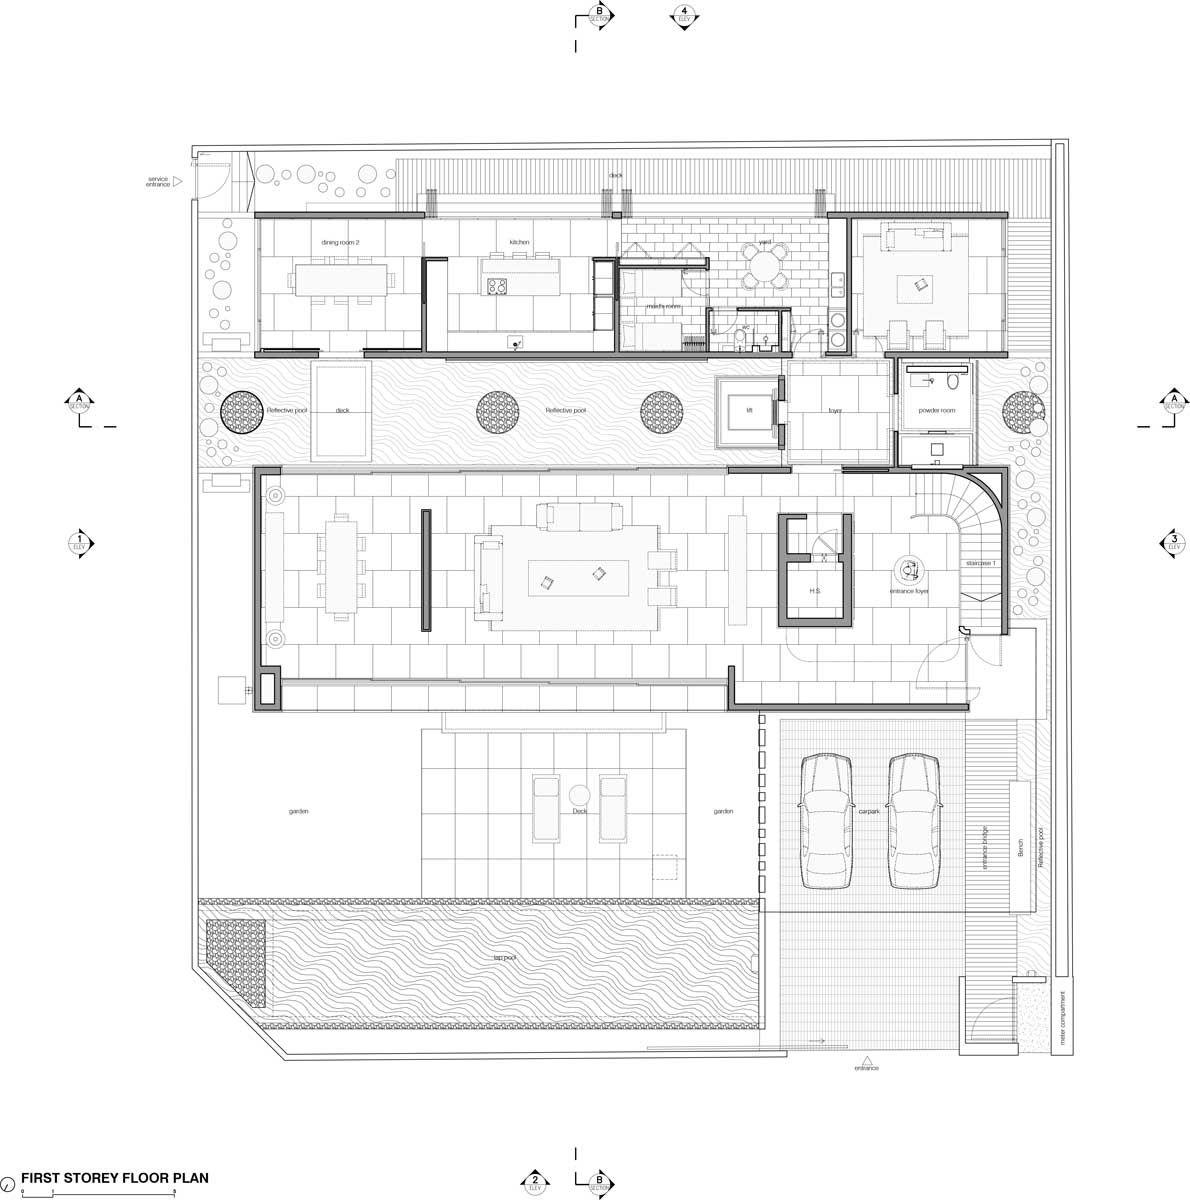 Pin de carlos corchado castillo en plantas pinterest for Arquitectura moderna planos